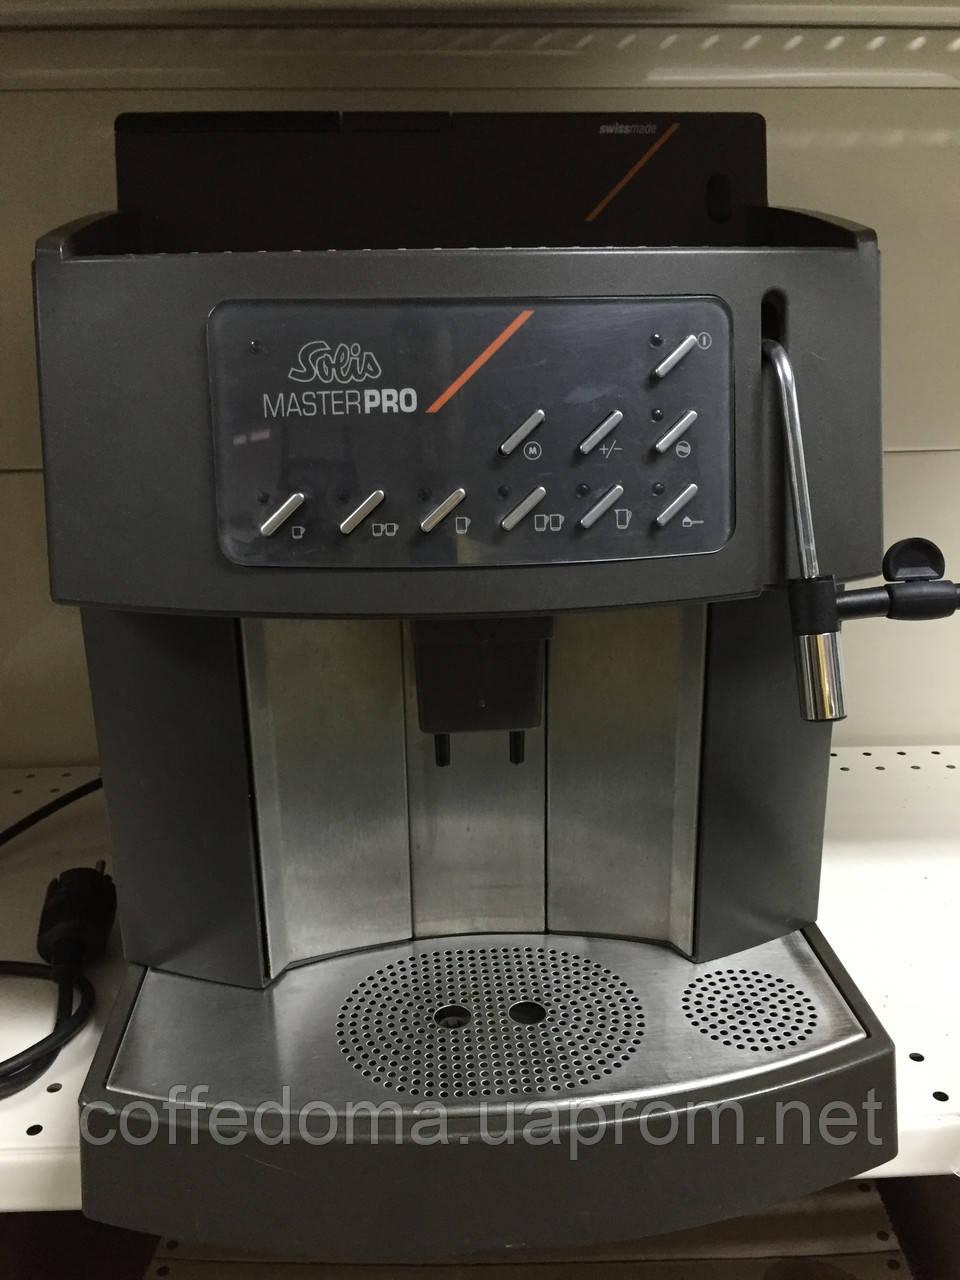 Solis Master Pro профессиональная автоматическая кофемашина